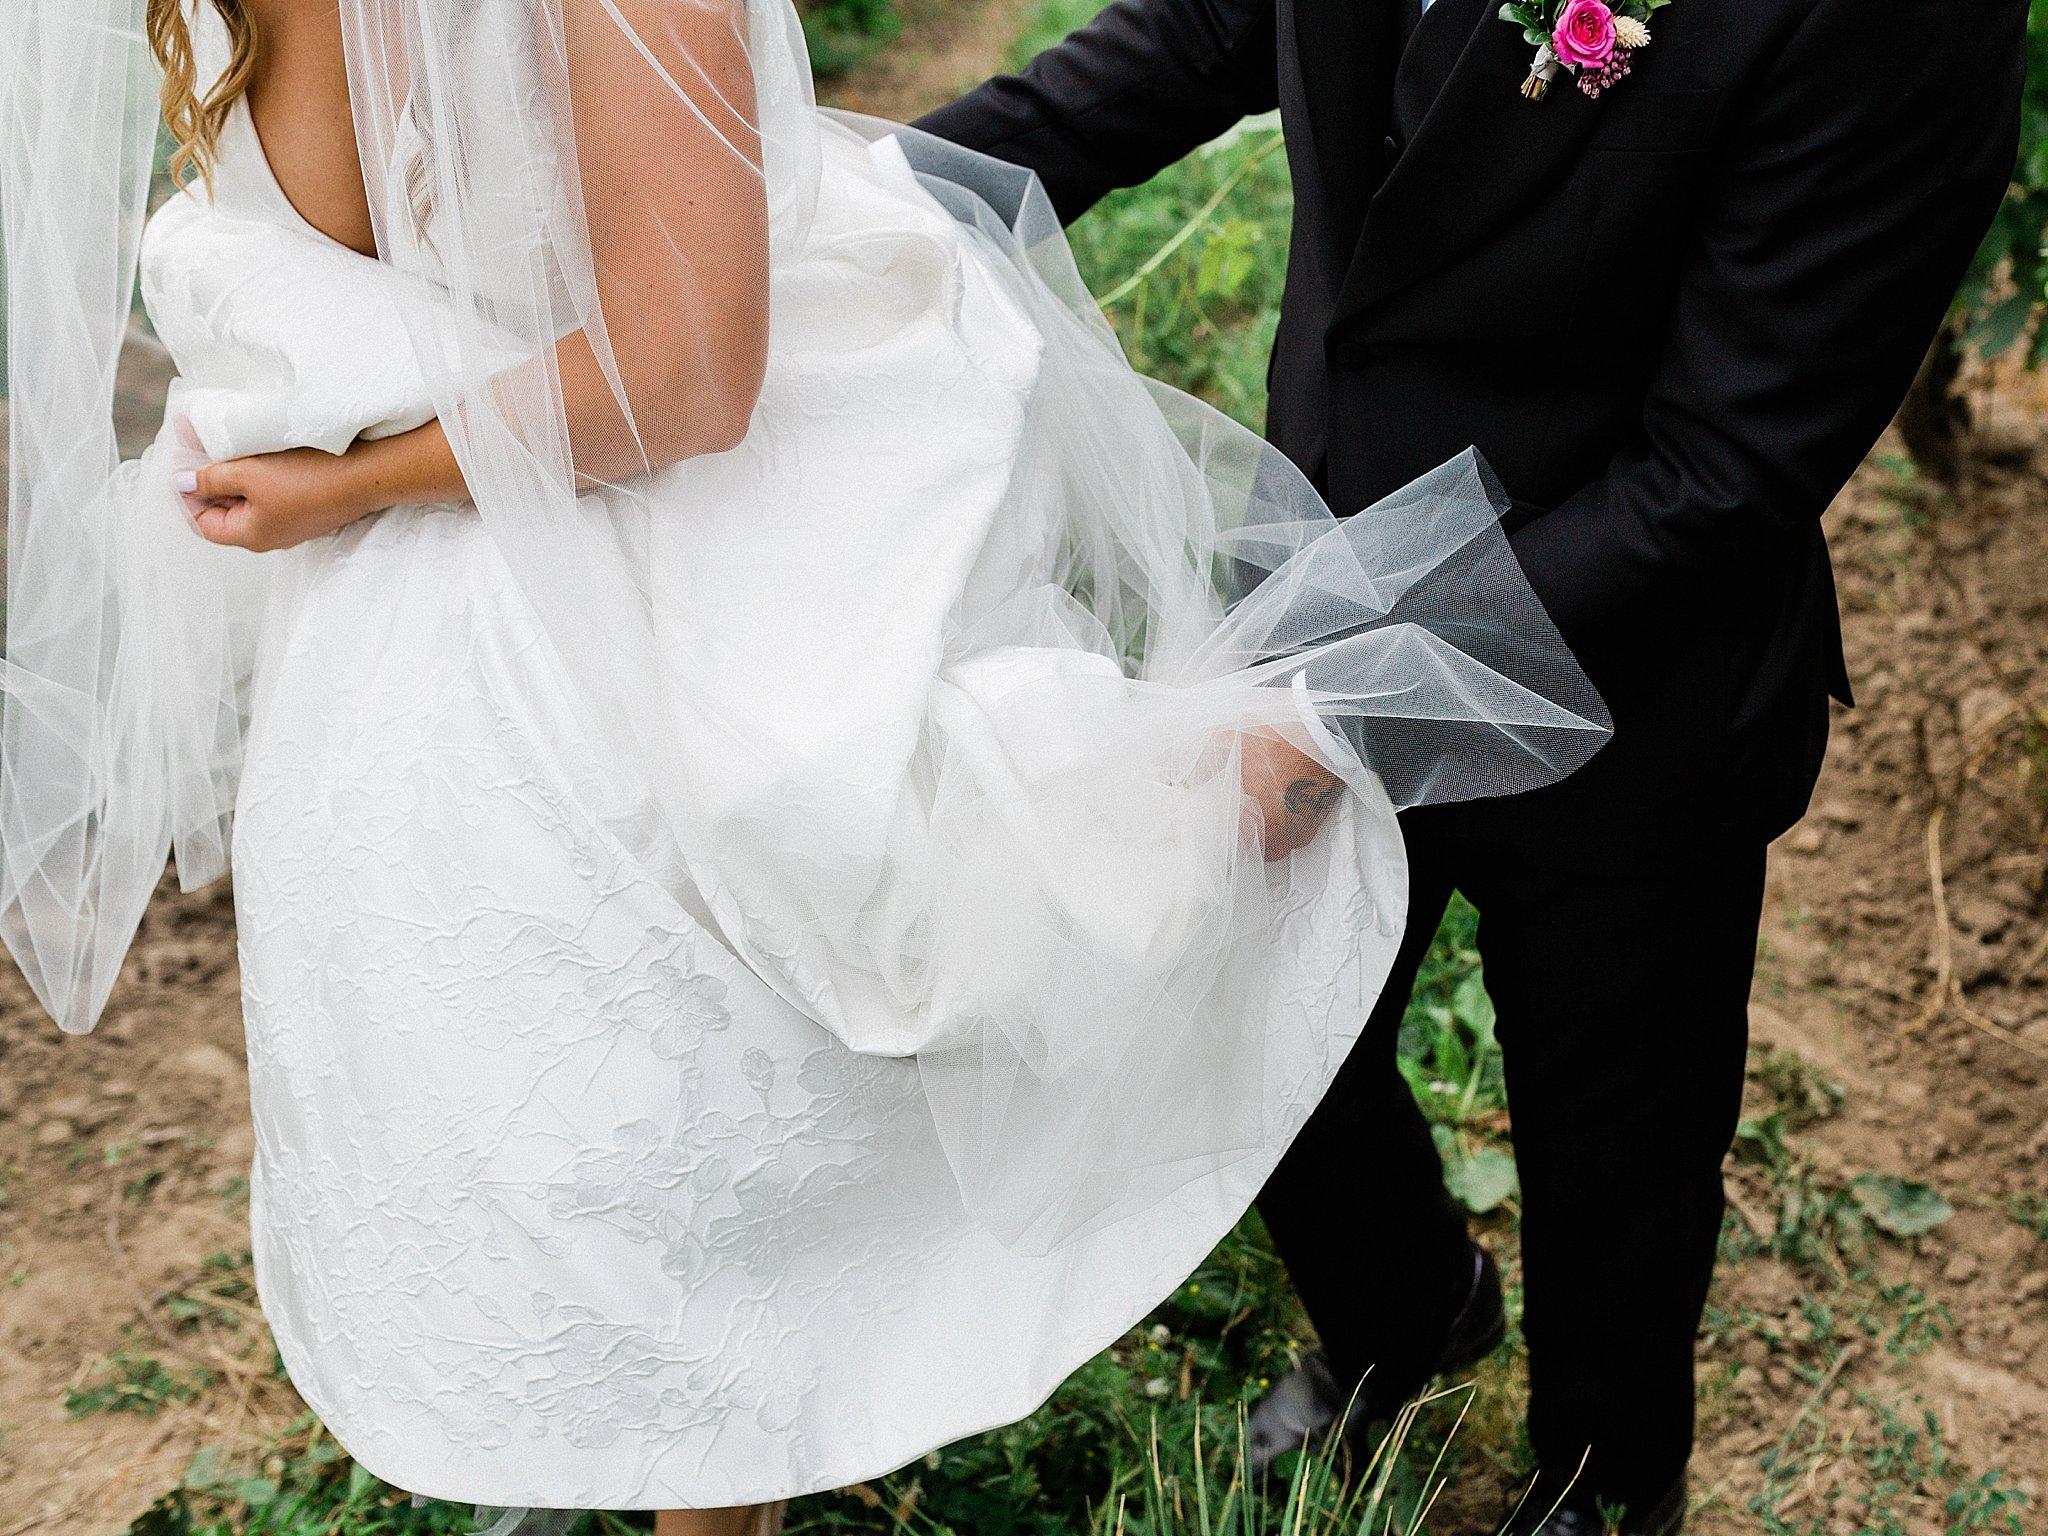 Vineyard Wedding, Toronto Wedding Photographer, Durham Region Wedding Photographer